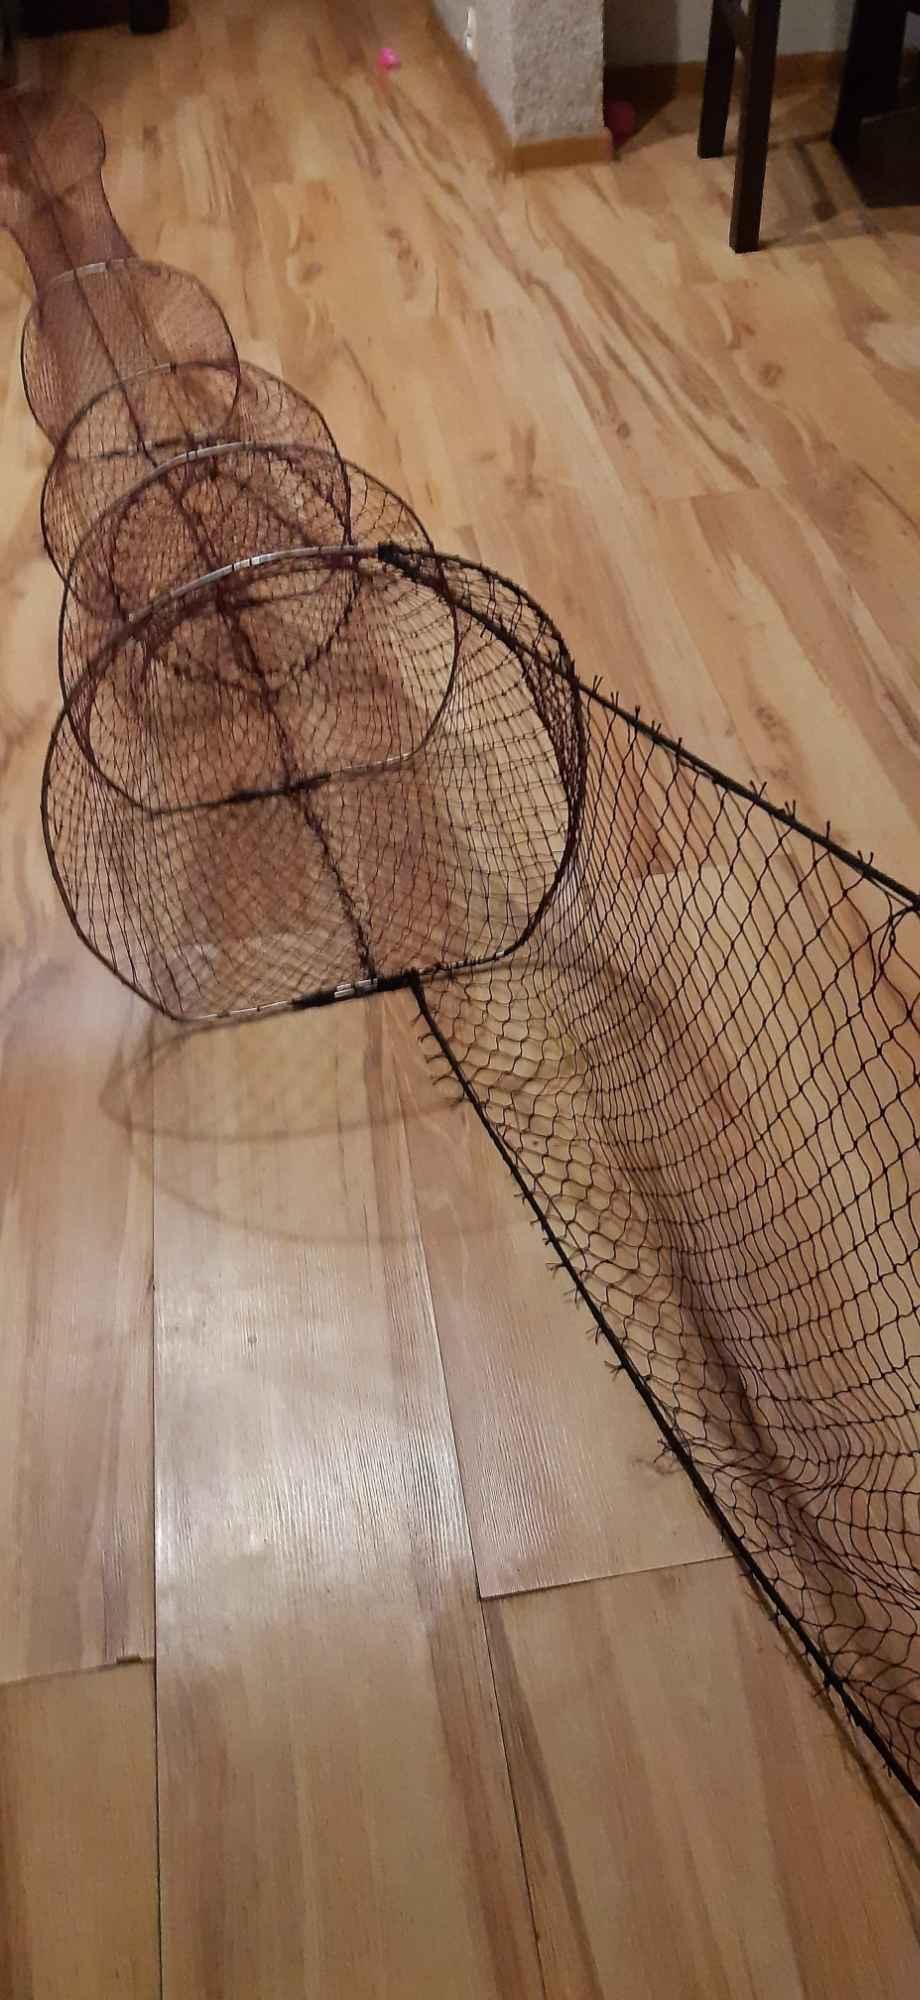 Sieci rybackie Golub-Dobrzyń - zdjęcie 7